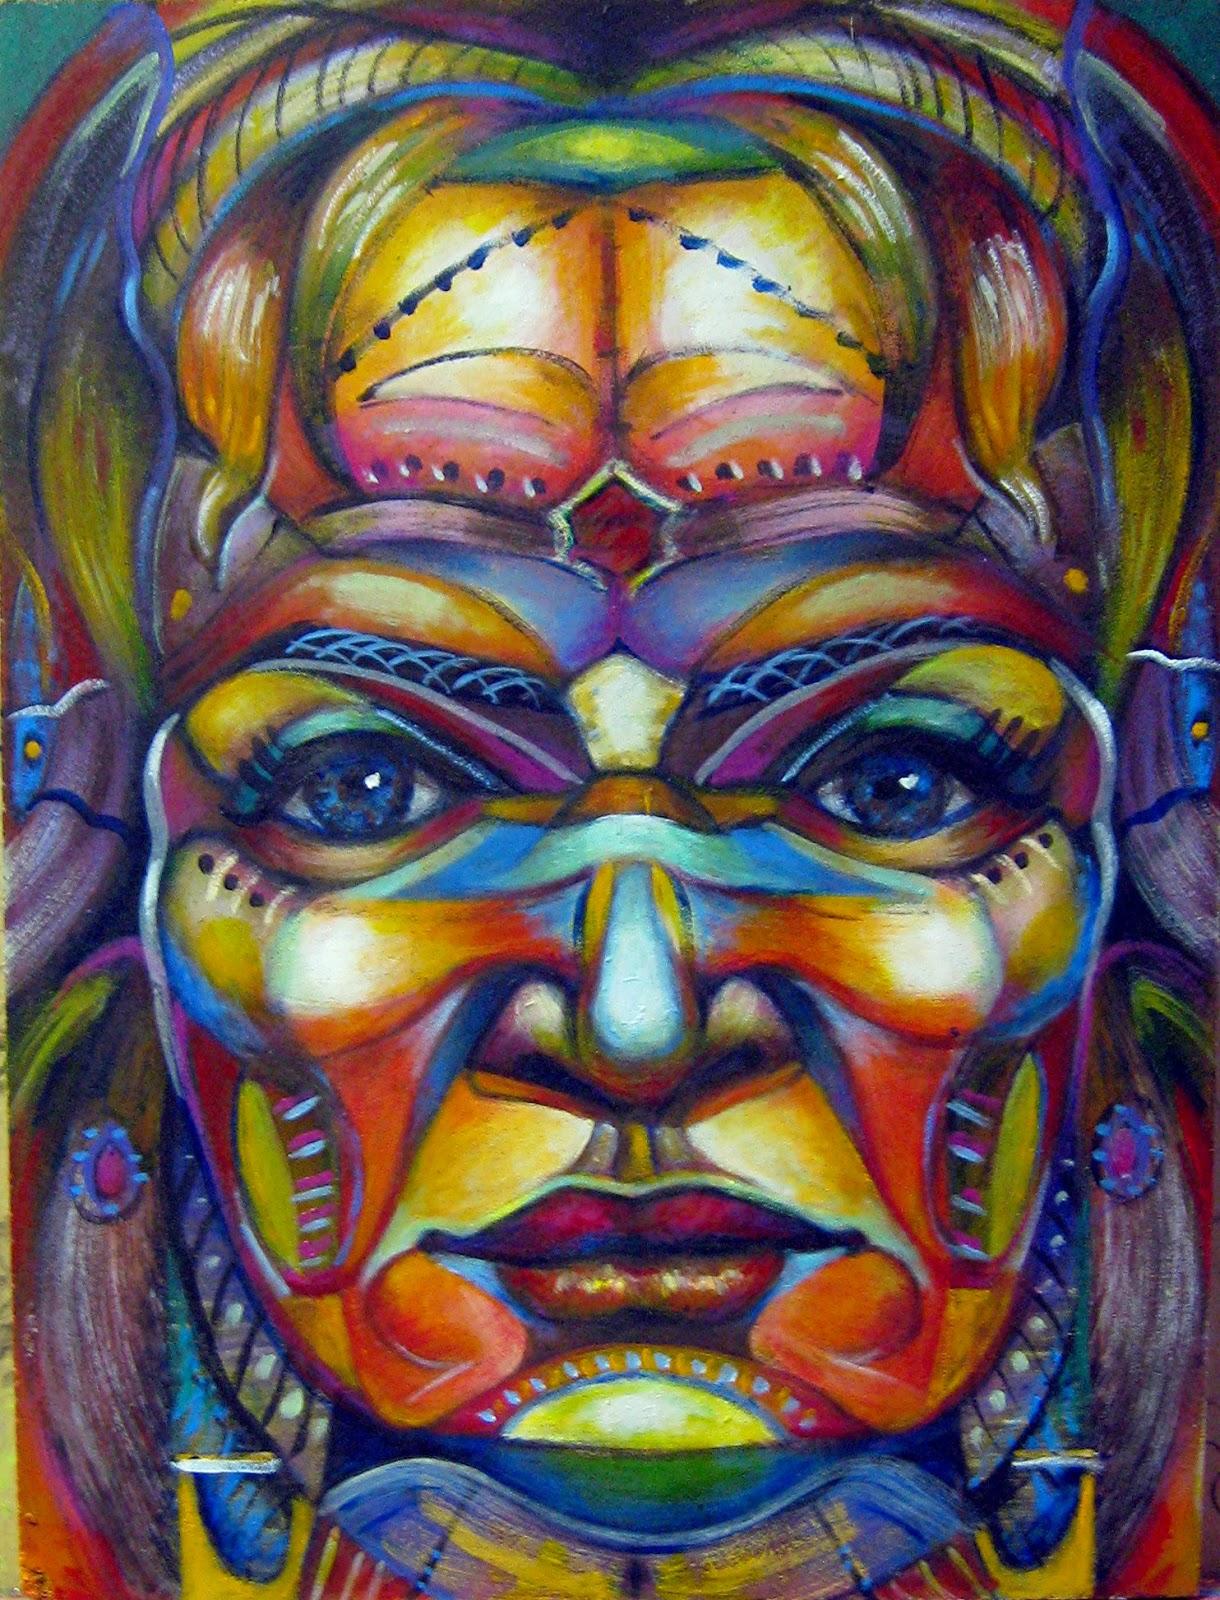 Pregunta, cuadro en acrílico sobre madera obra original de Juan Sánchez Sotelo de Artistas6 academia de dibujo y pintura de Madrid, clases y cursos para aprender a dibujar y pintar. Venta de  obra contemporánea abstracta y figurativa.